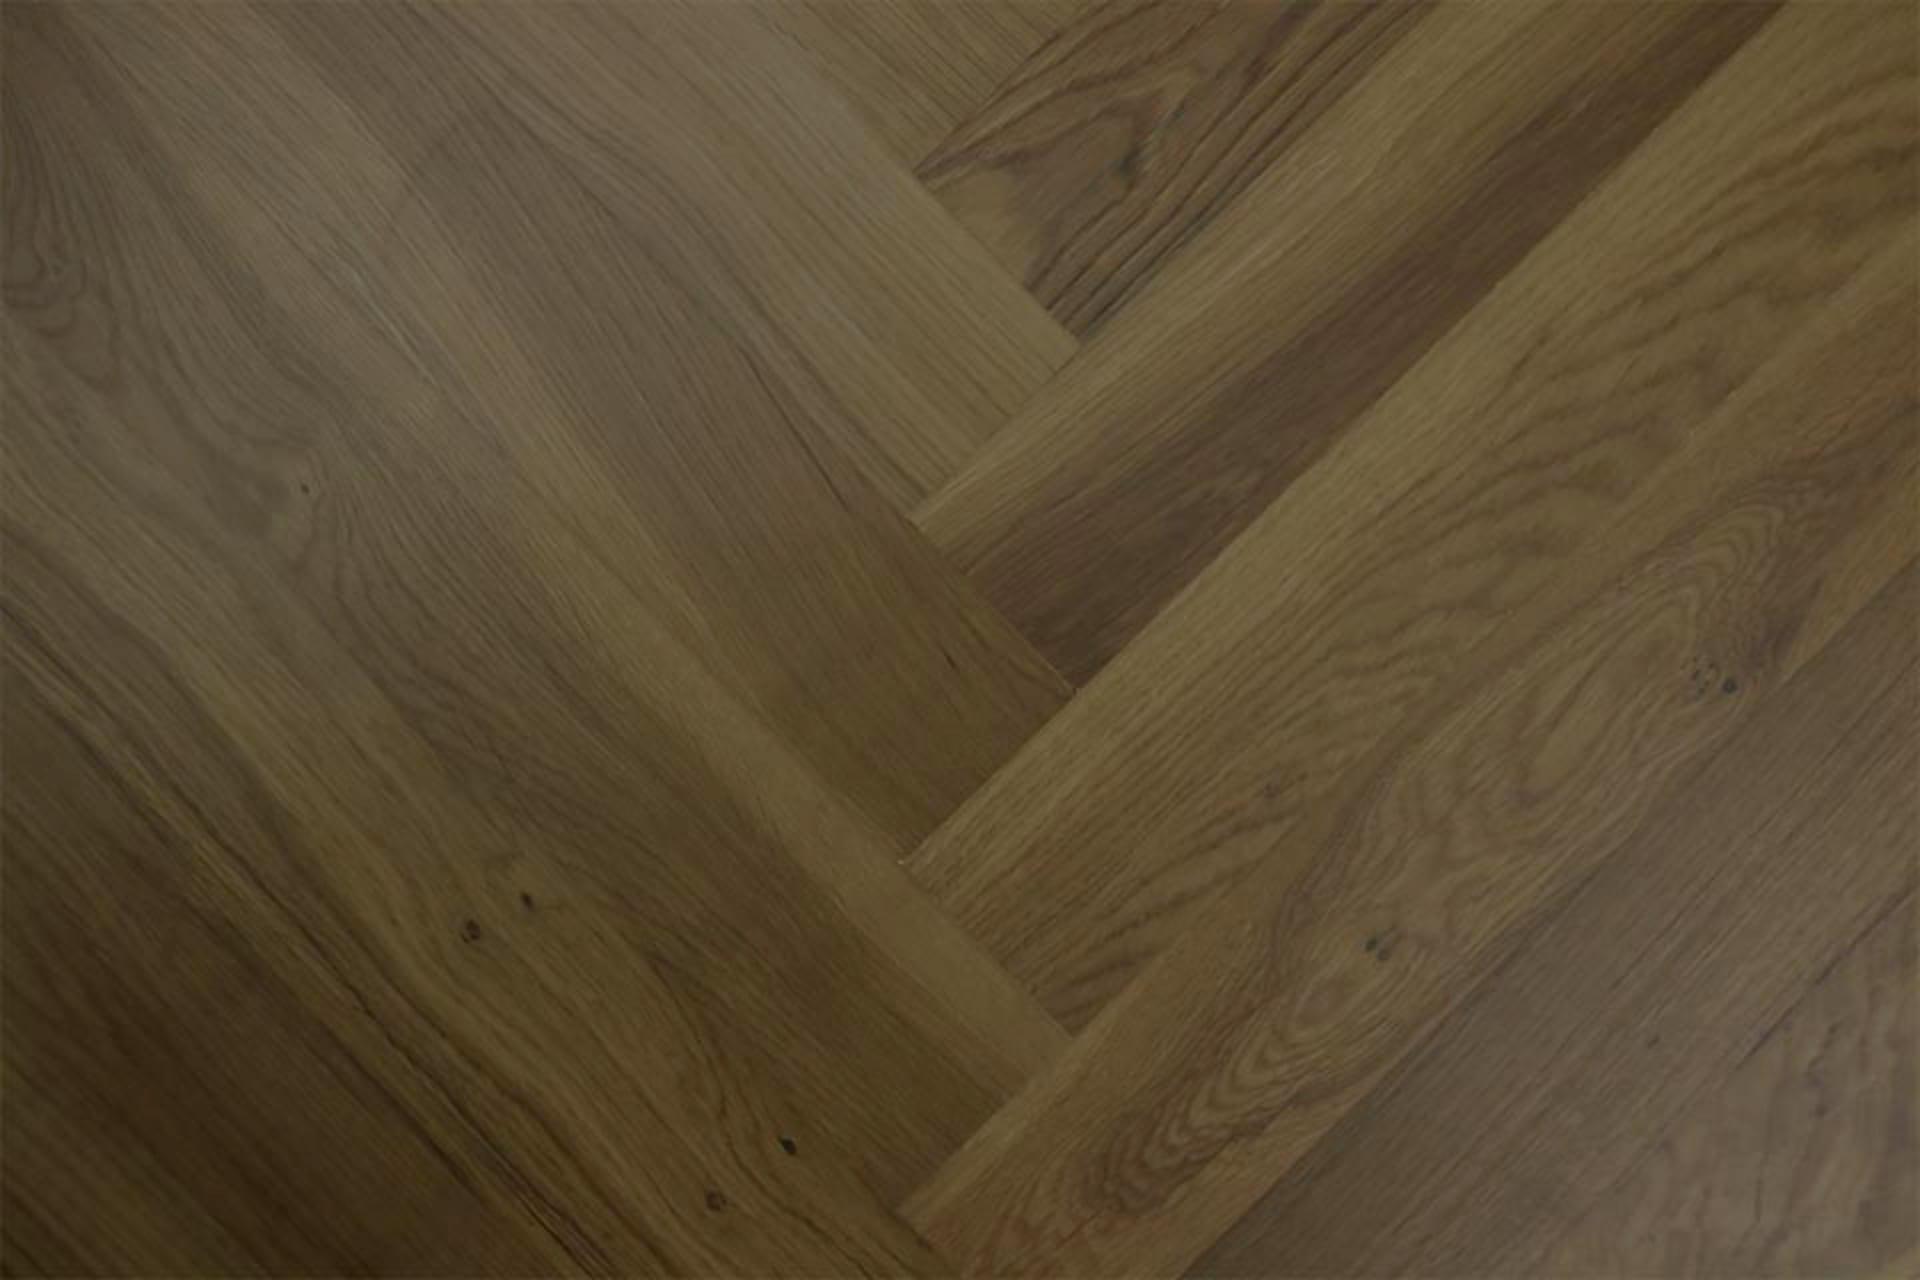 Natural Engineered Flooring Oak Herringbone Macchiato Uv